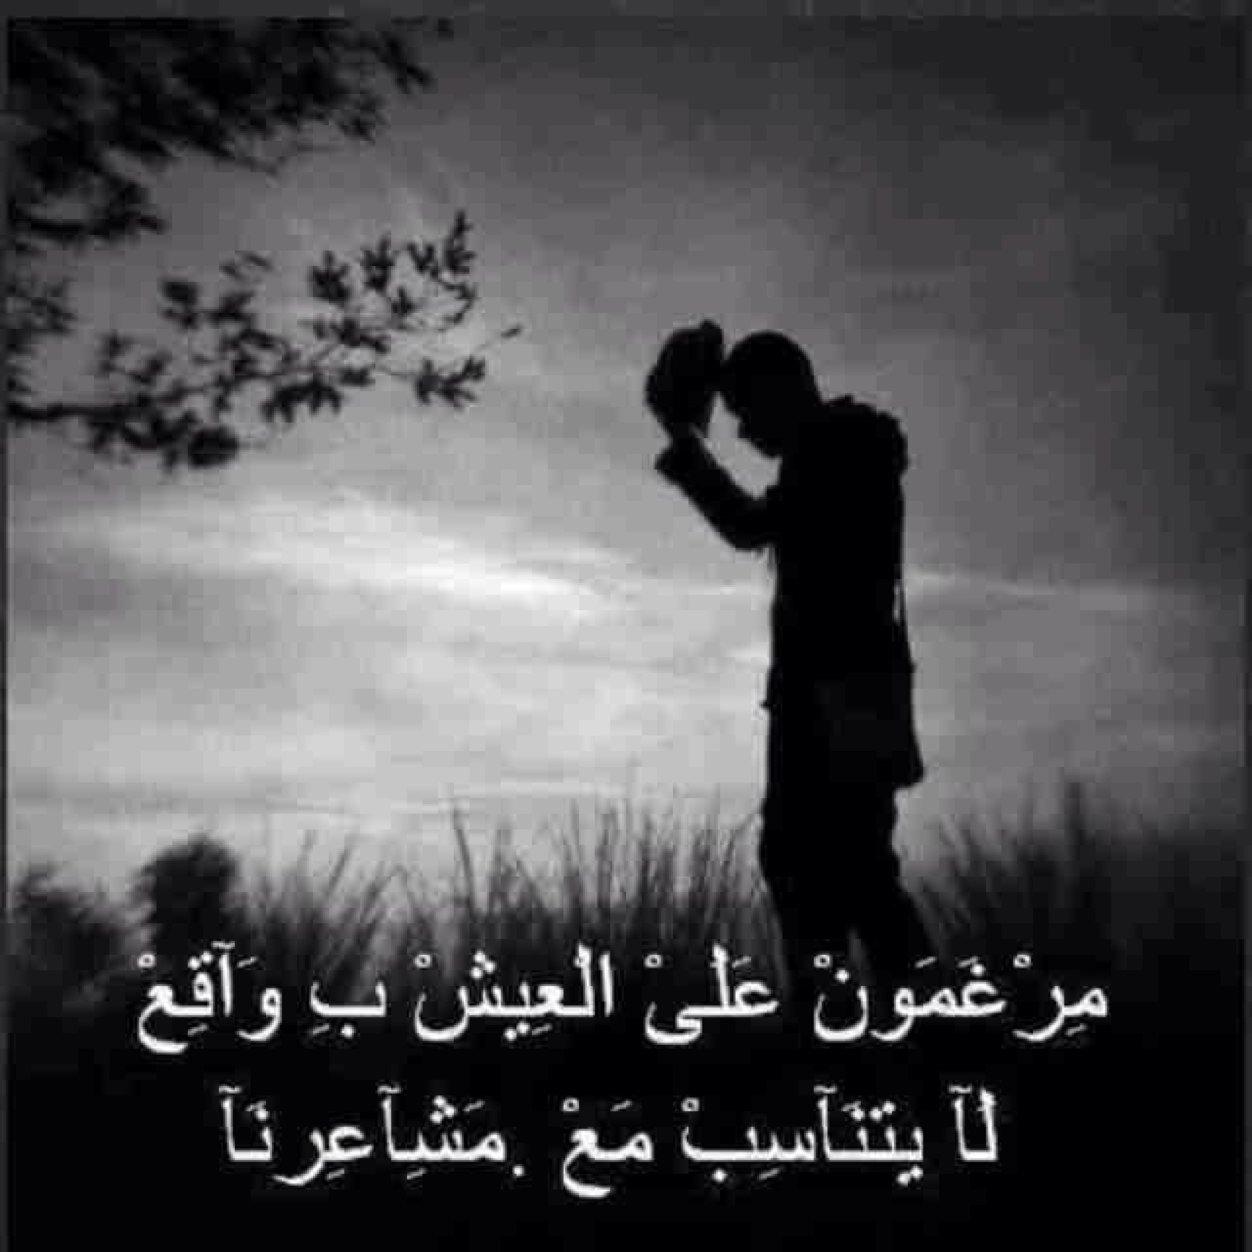 بالصور كلمات حب حزينه جدا , عبر عن الحب بكلمات محزنة